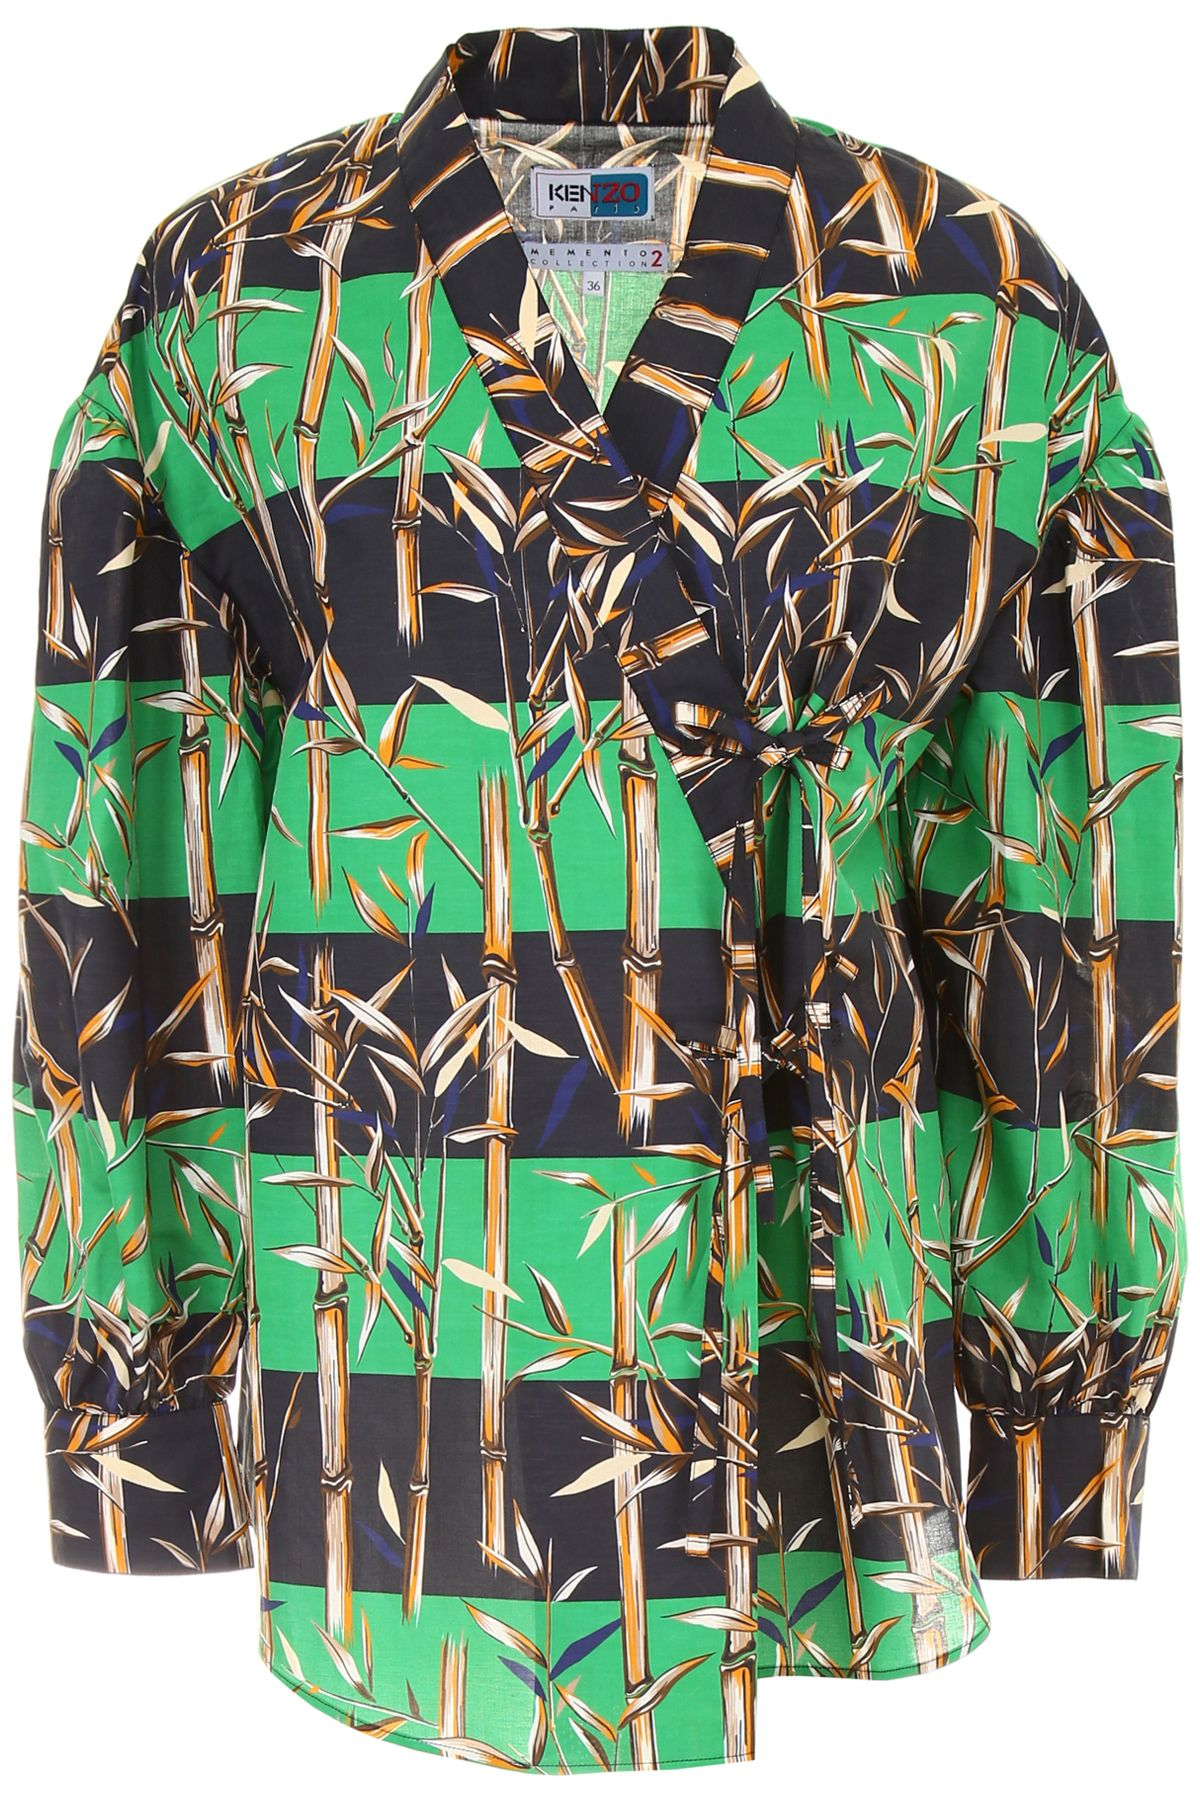 Kenzo Memento Kimono Shirt